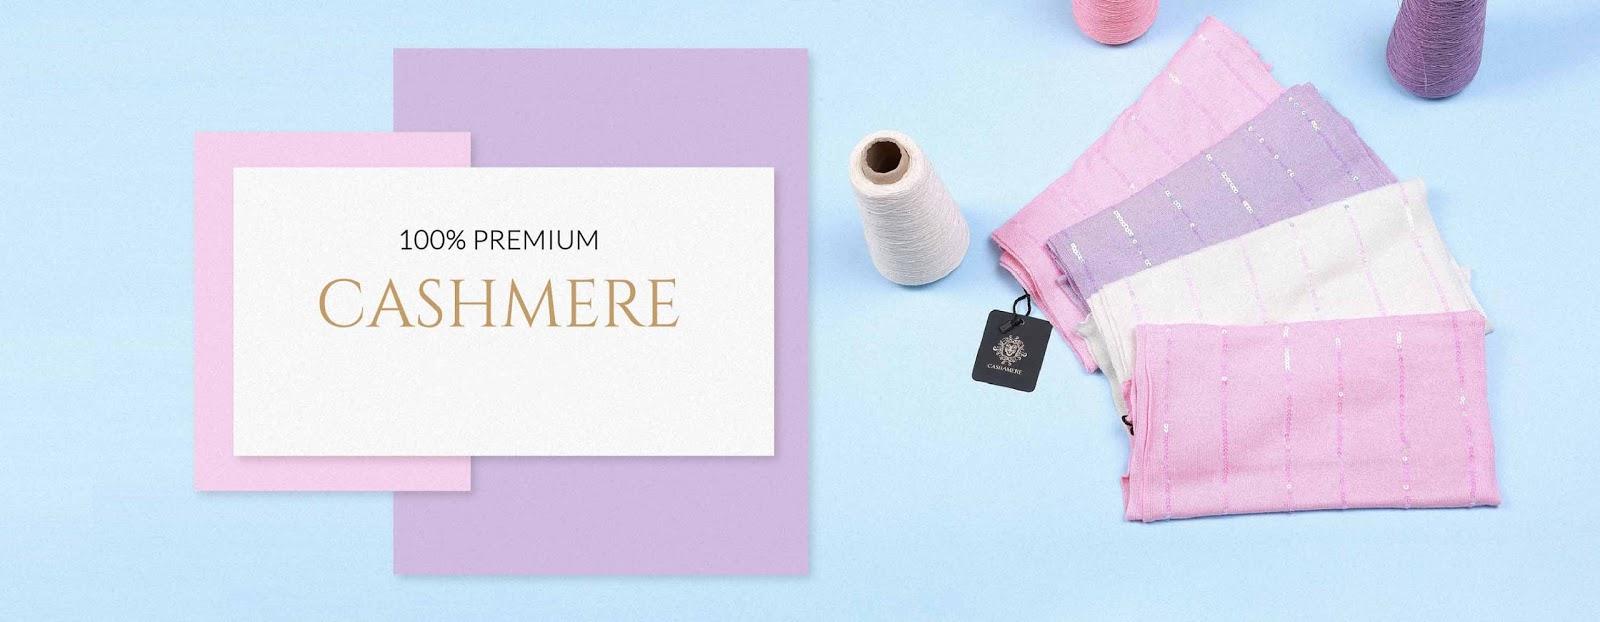 finest selection f4a24 36e47 Shop Ladies Accessories | Cashmere Accessories | Cashamere